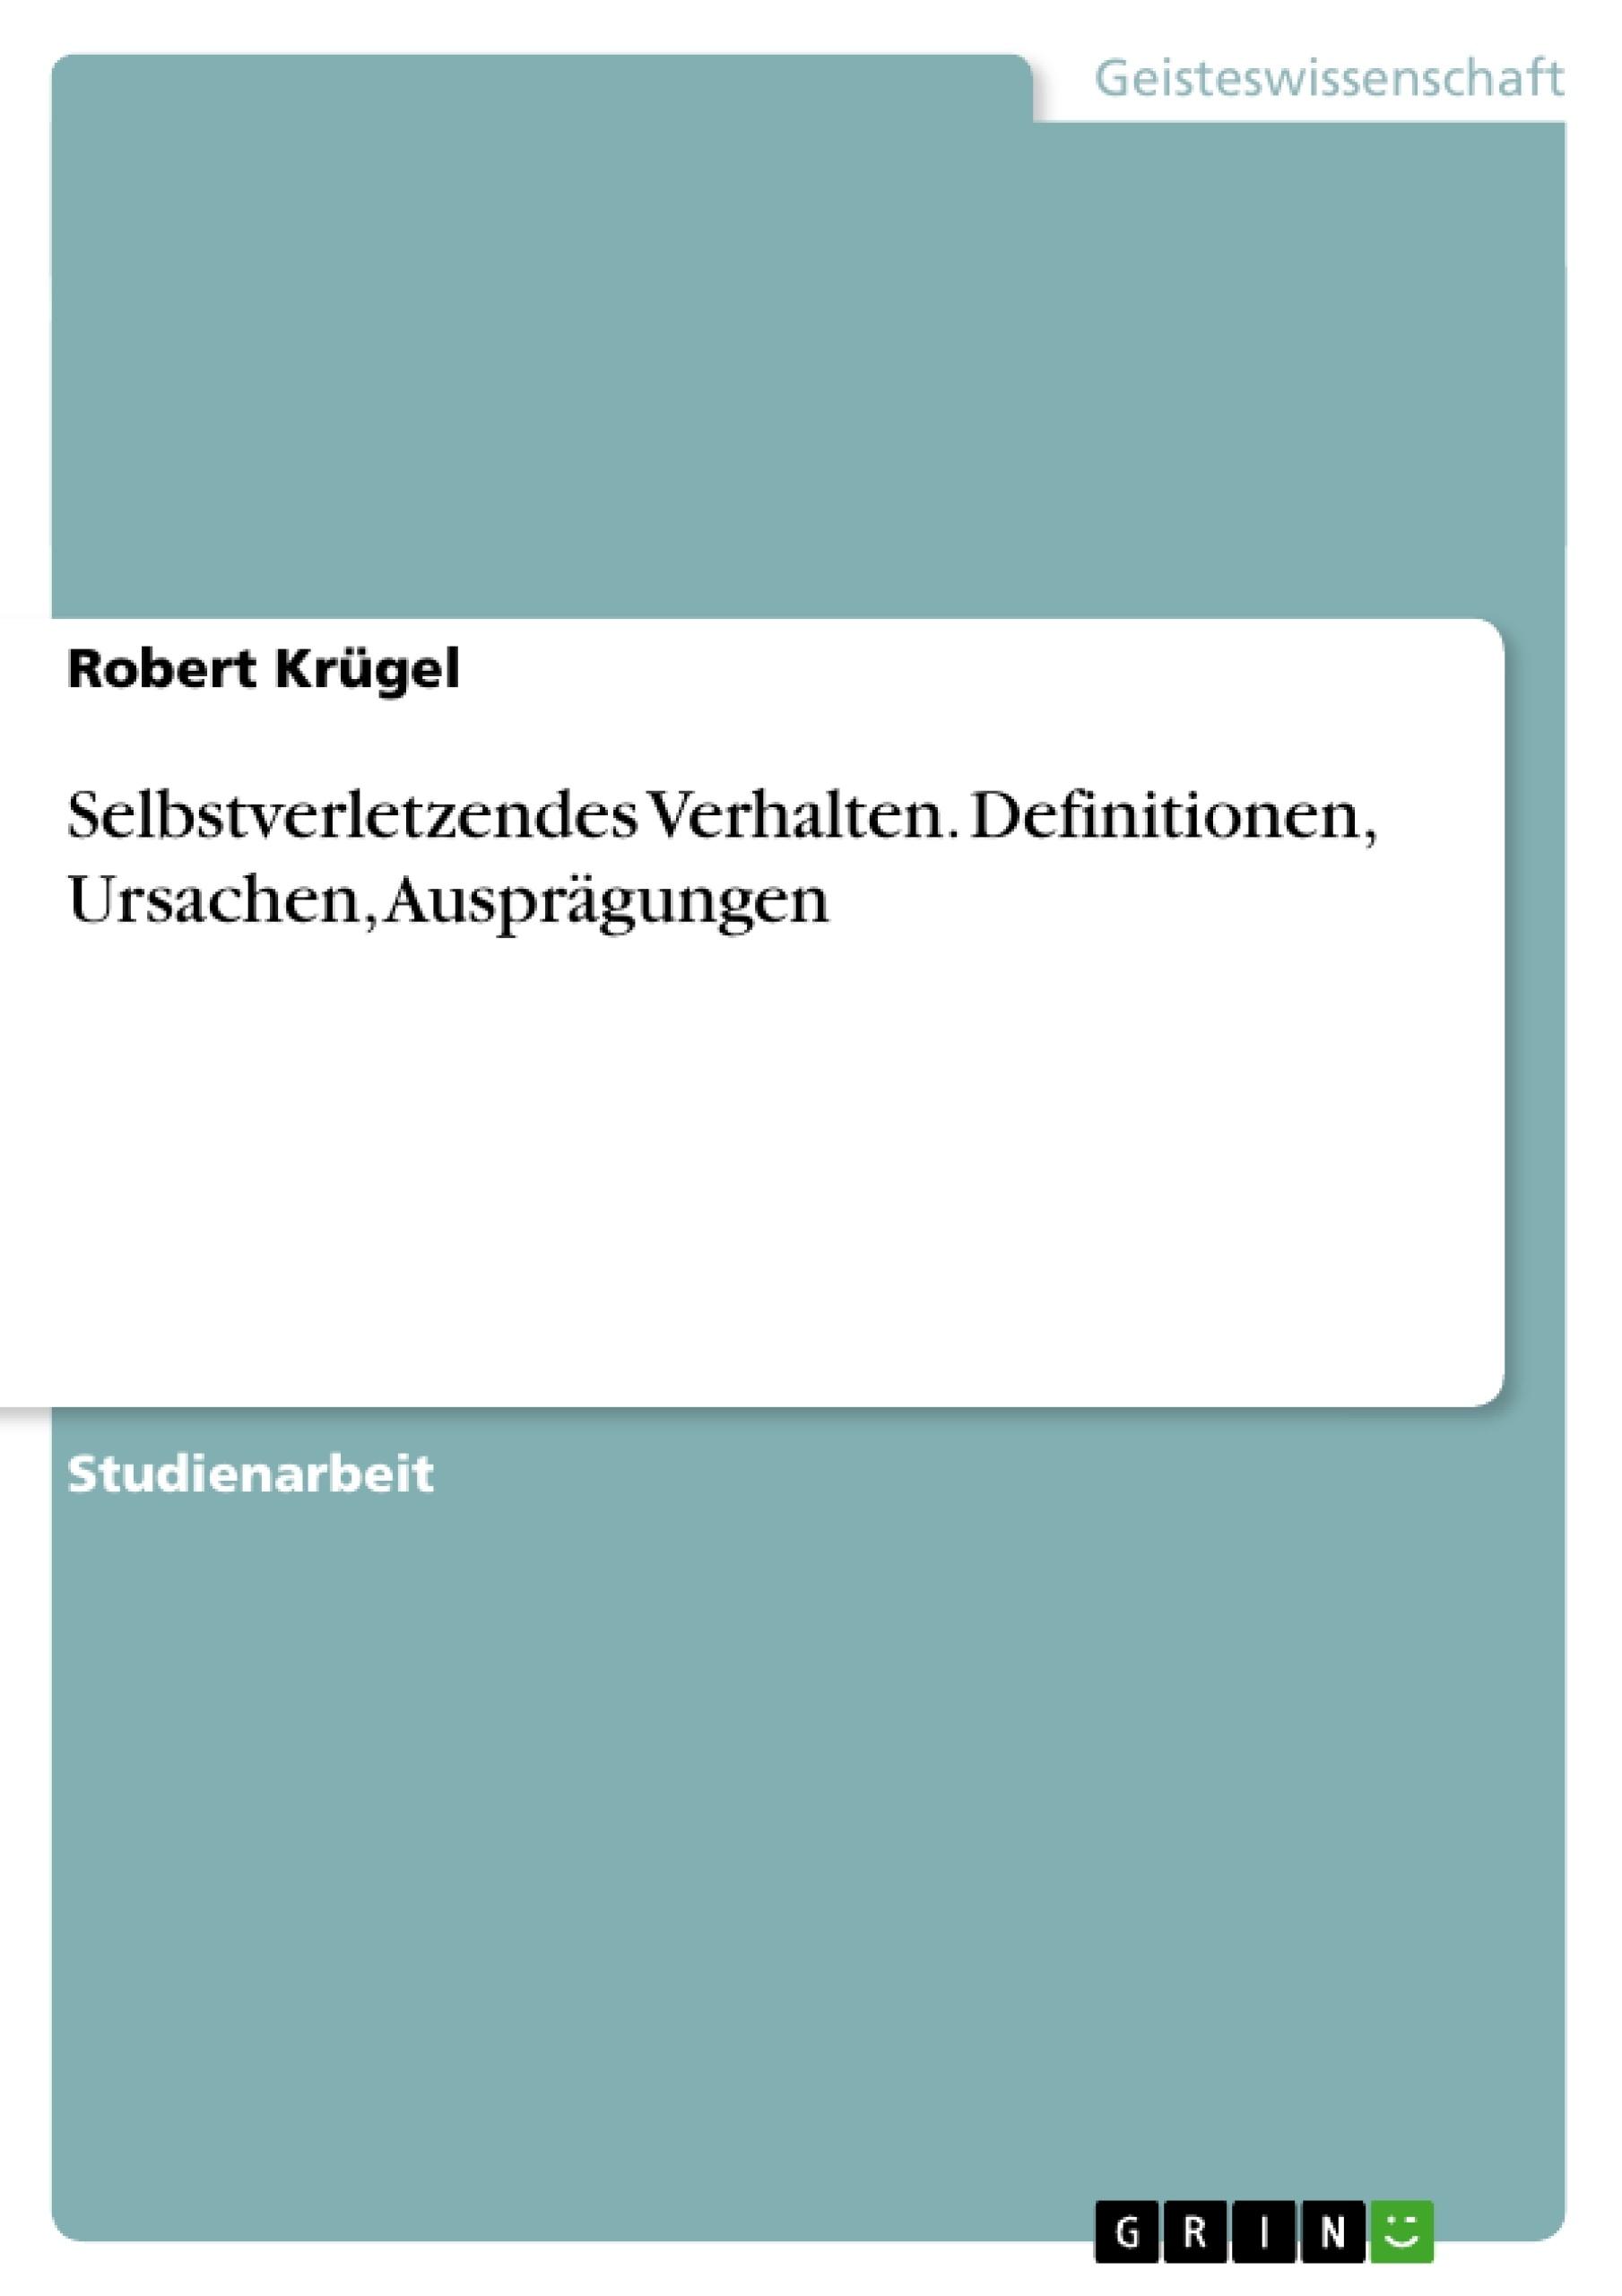 Titel: Selbstverletzendes Verhalten. Definitionen, Ursachen, Ausprägungen